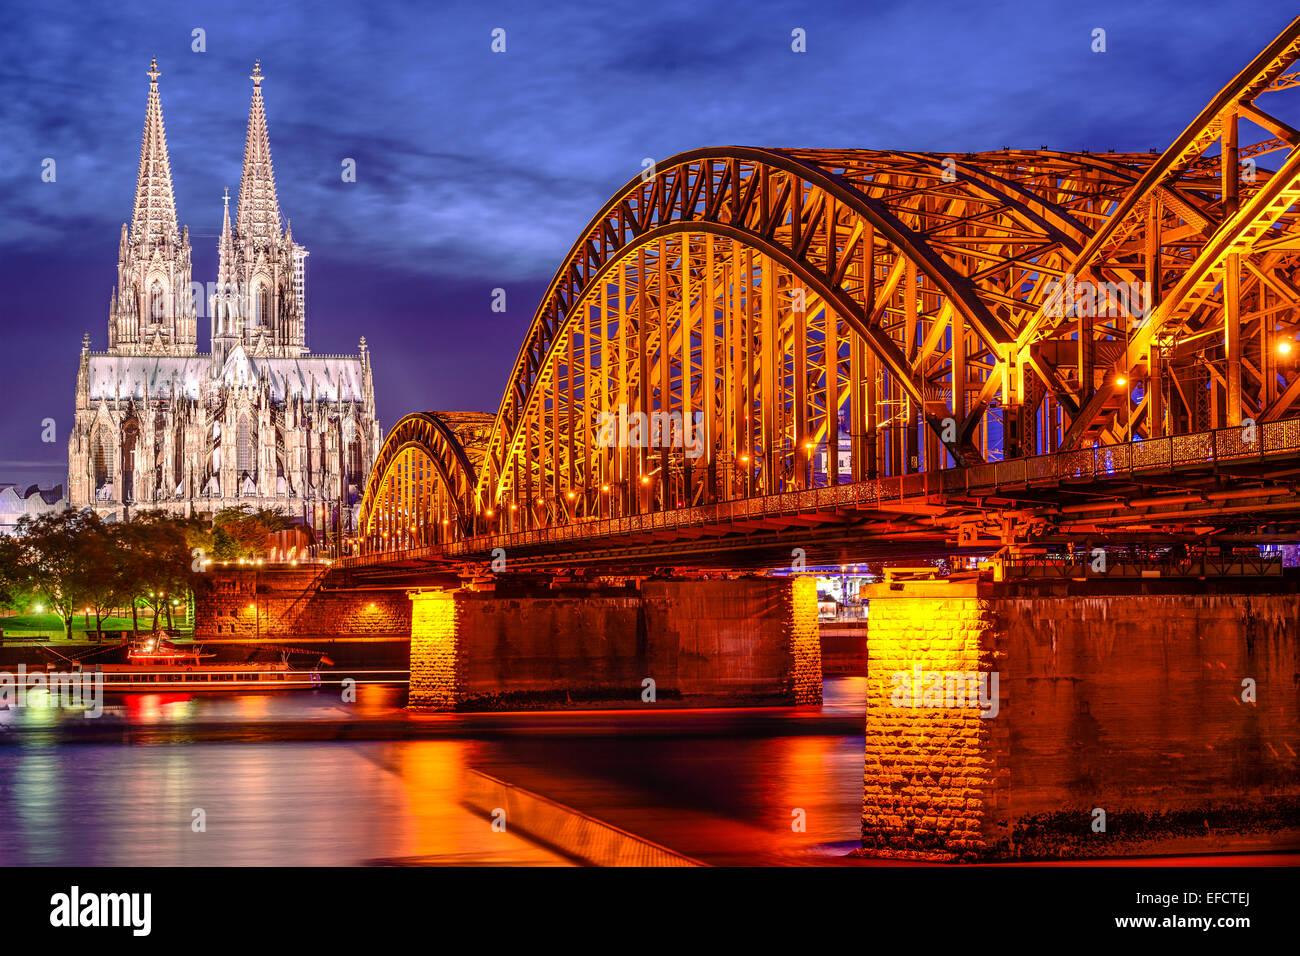 La vieille ville de Cologne, en Allemagne à l'horizon de la cathédrale de Cologne et pont Hohenzollern. Photo Stock